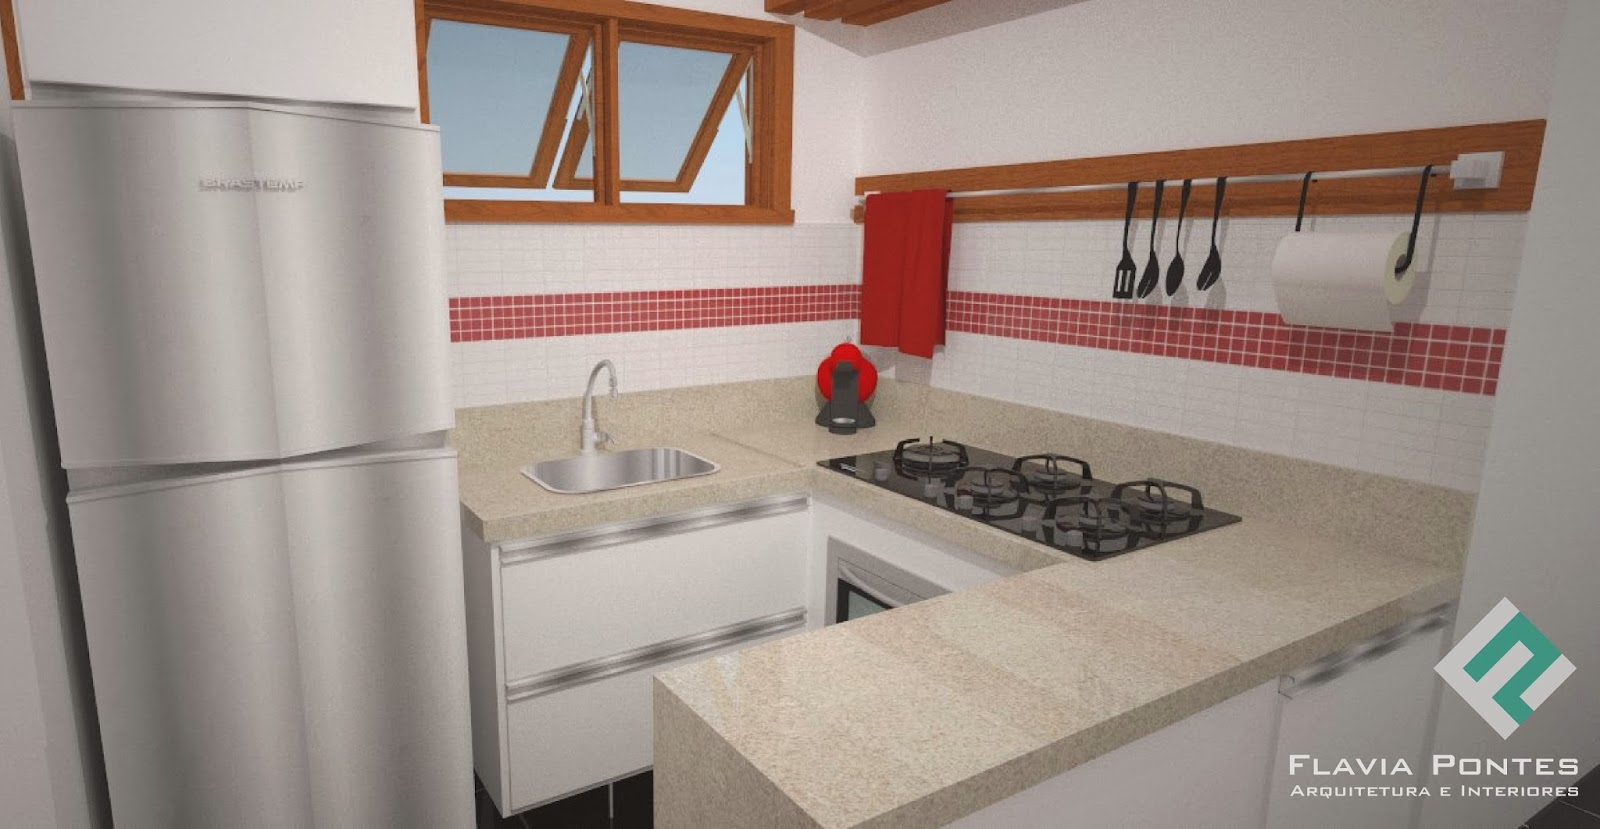 #7D412D quinta feira 28 de novembro de 2013 1600x829 px Projeto De Cozinha Com Sala Pequena #2847 imagens